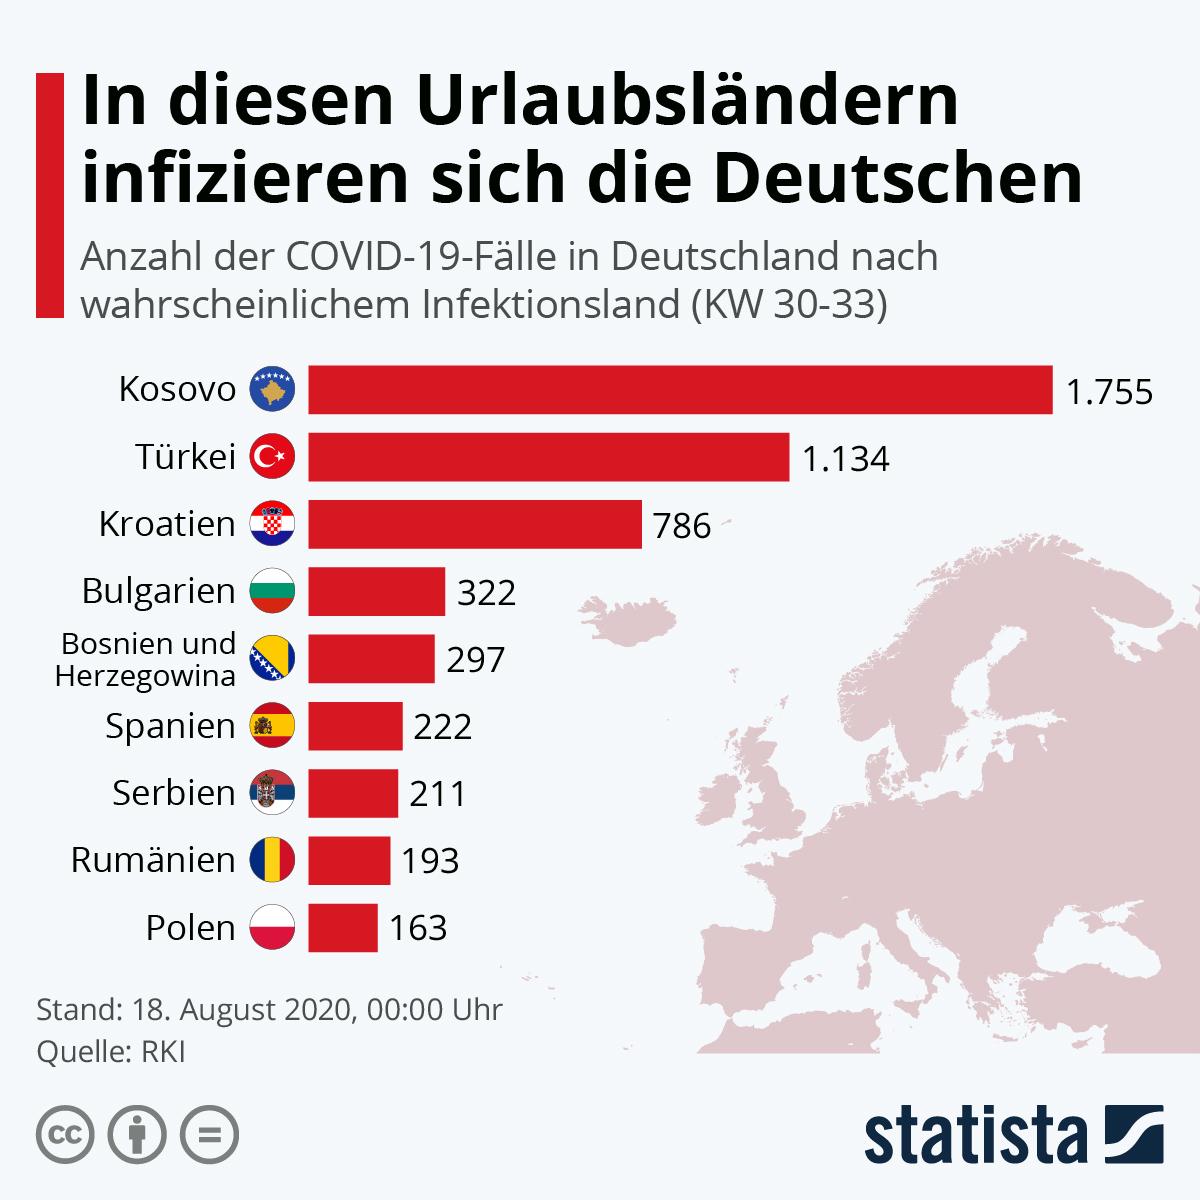 In diesen Urlaubsländern infizieren sich die Deutschen | Statista